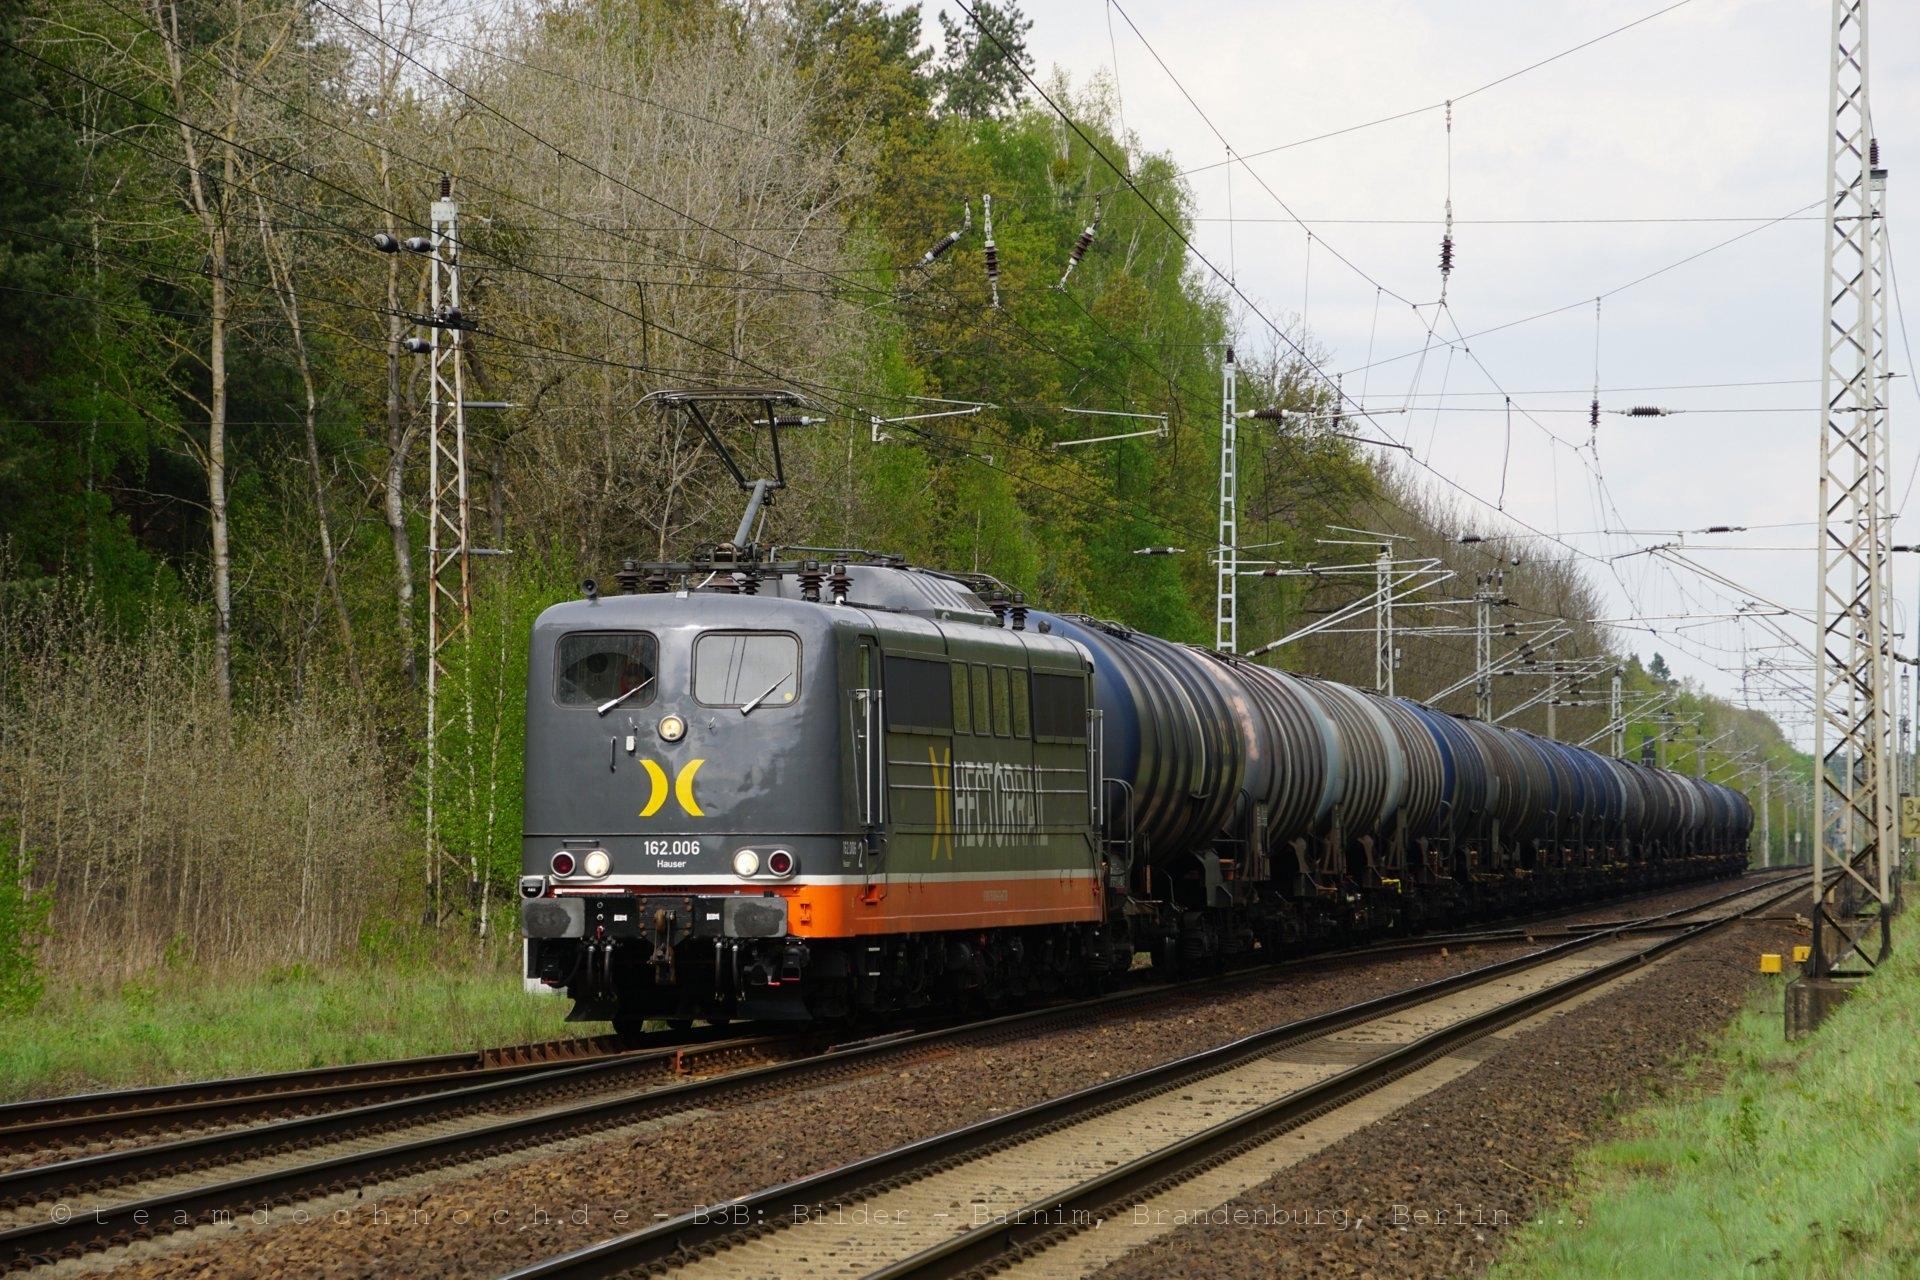 Hectorrail 162.006 muß in Biesenthal an die Seite